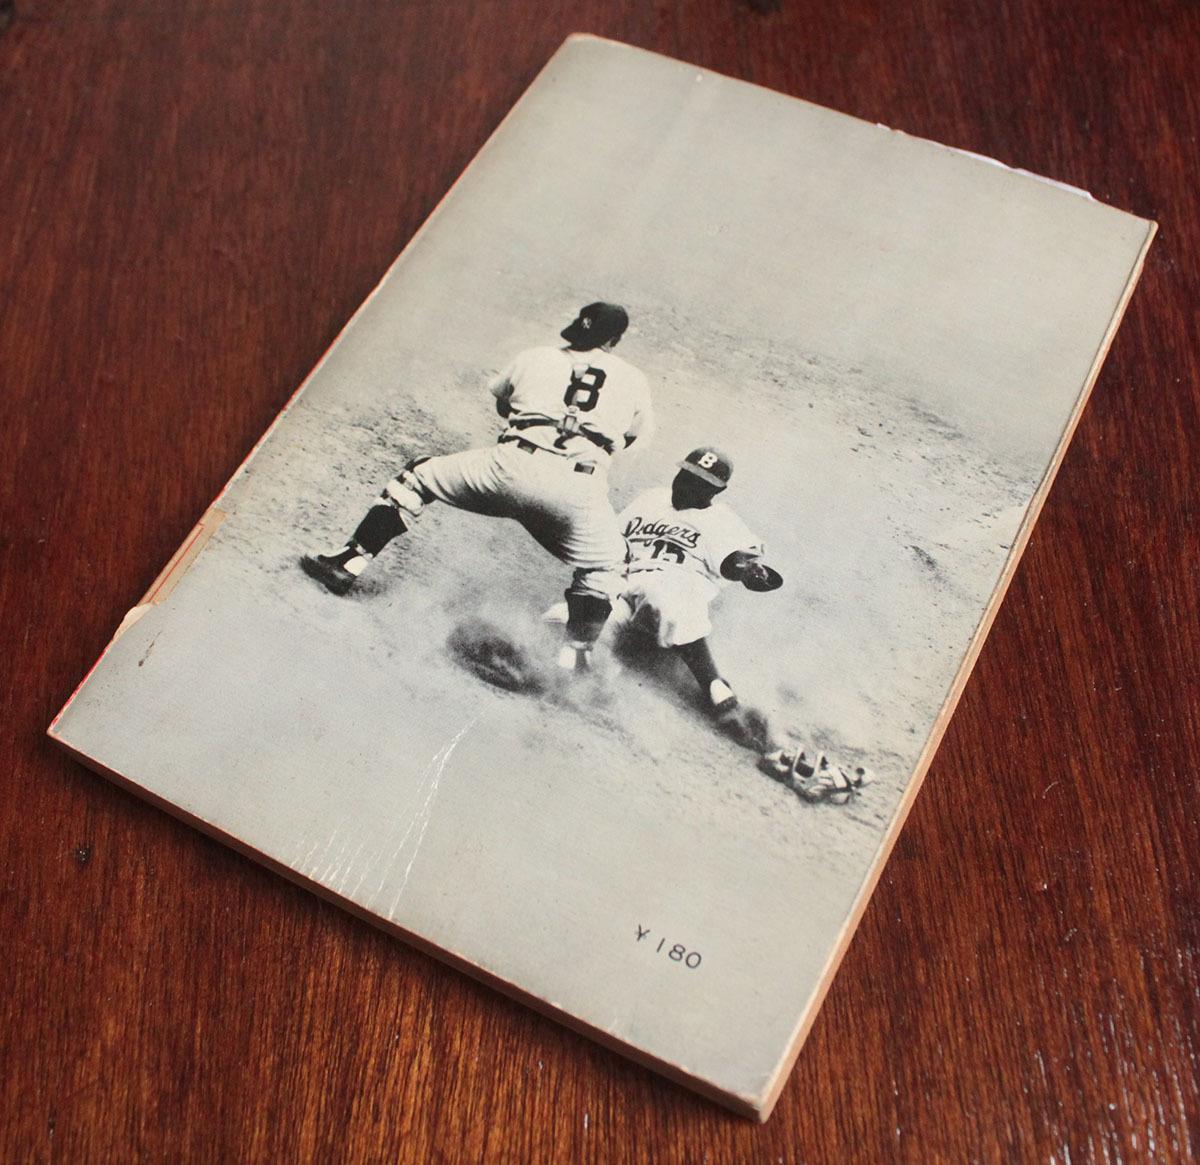 ヤンキース 野球教室 毎日新聞編 1956年 メジャーリーグ ベーブルース ルーゲーリック ニューヨーク 来日 日本プロ野球 六大学 資料 歴史_画像9